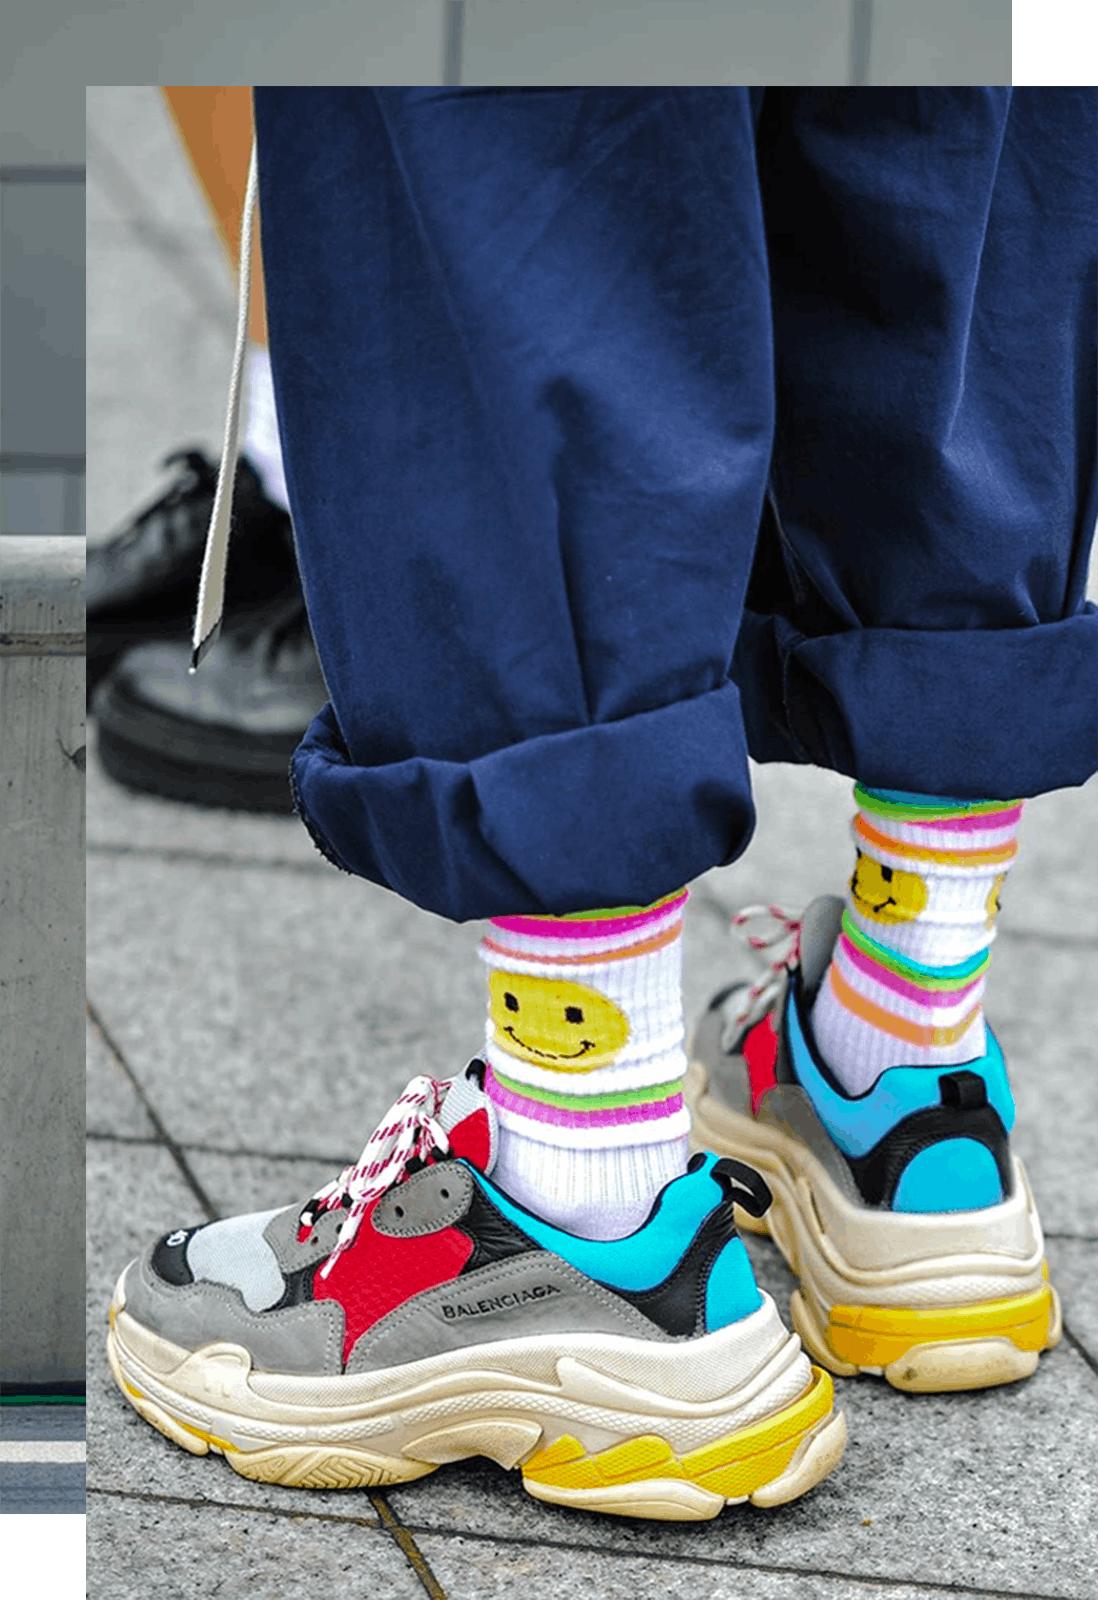 Top 9 xu hướng thời trang đường phố nổi bật nhất năm 2017 do tạp chí HYPEBEAST bình chọn - Ảnh 2.